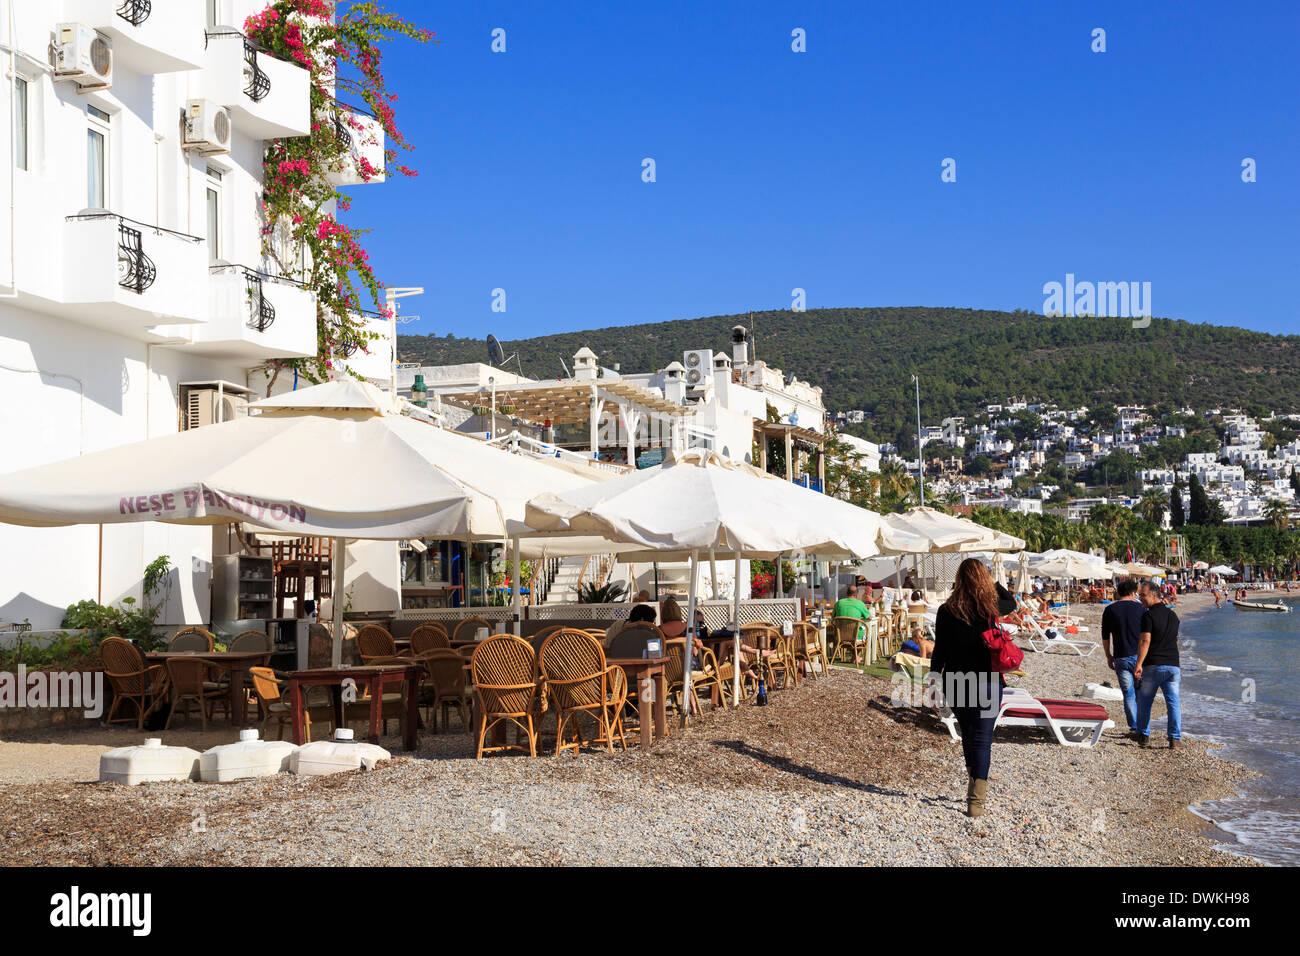 Bodrum waterfront, Anatolia, Turkey, Asia Minor, Eurasia - Stock Image